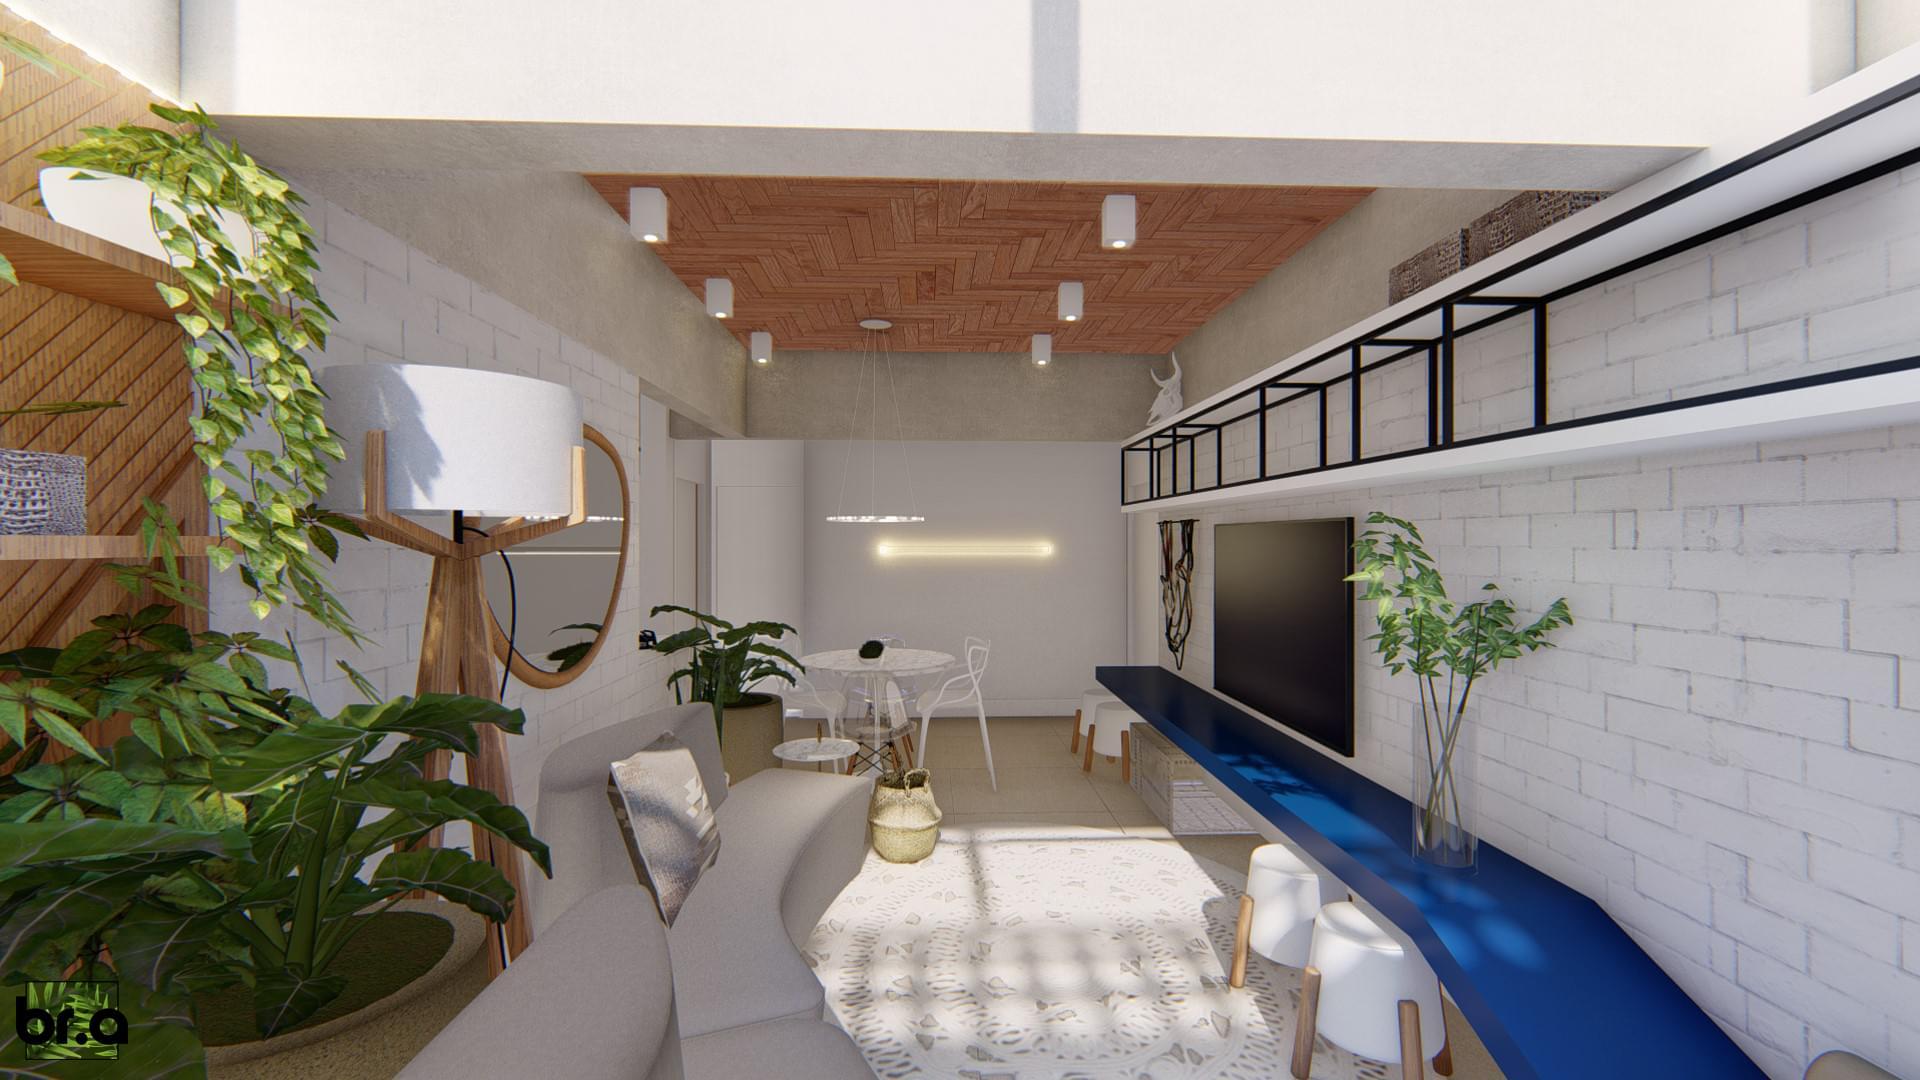 Residencial HI - Brasilidade | Projetos e Obras